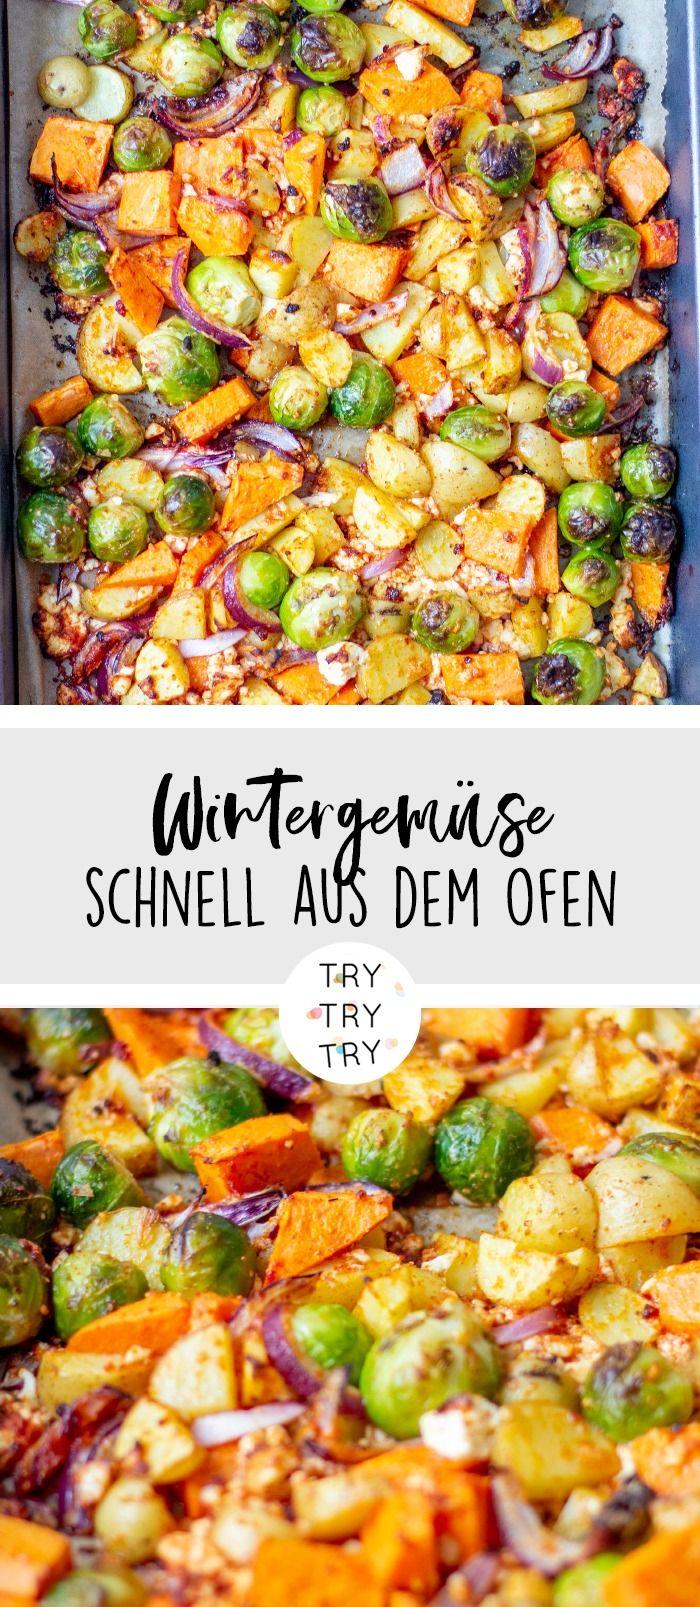 af044a9e980a341fc258e042066e87ae - Vegetarische Rezepte Schnell